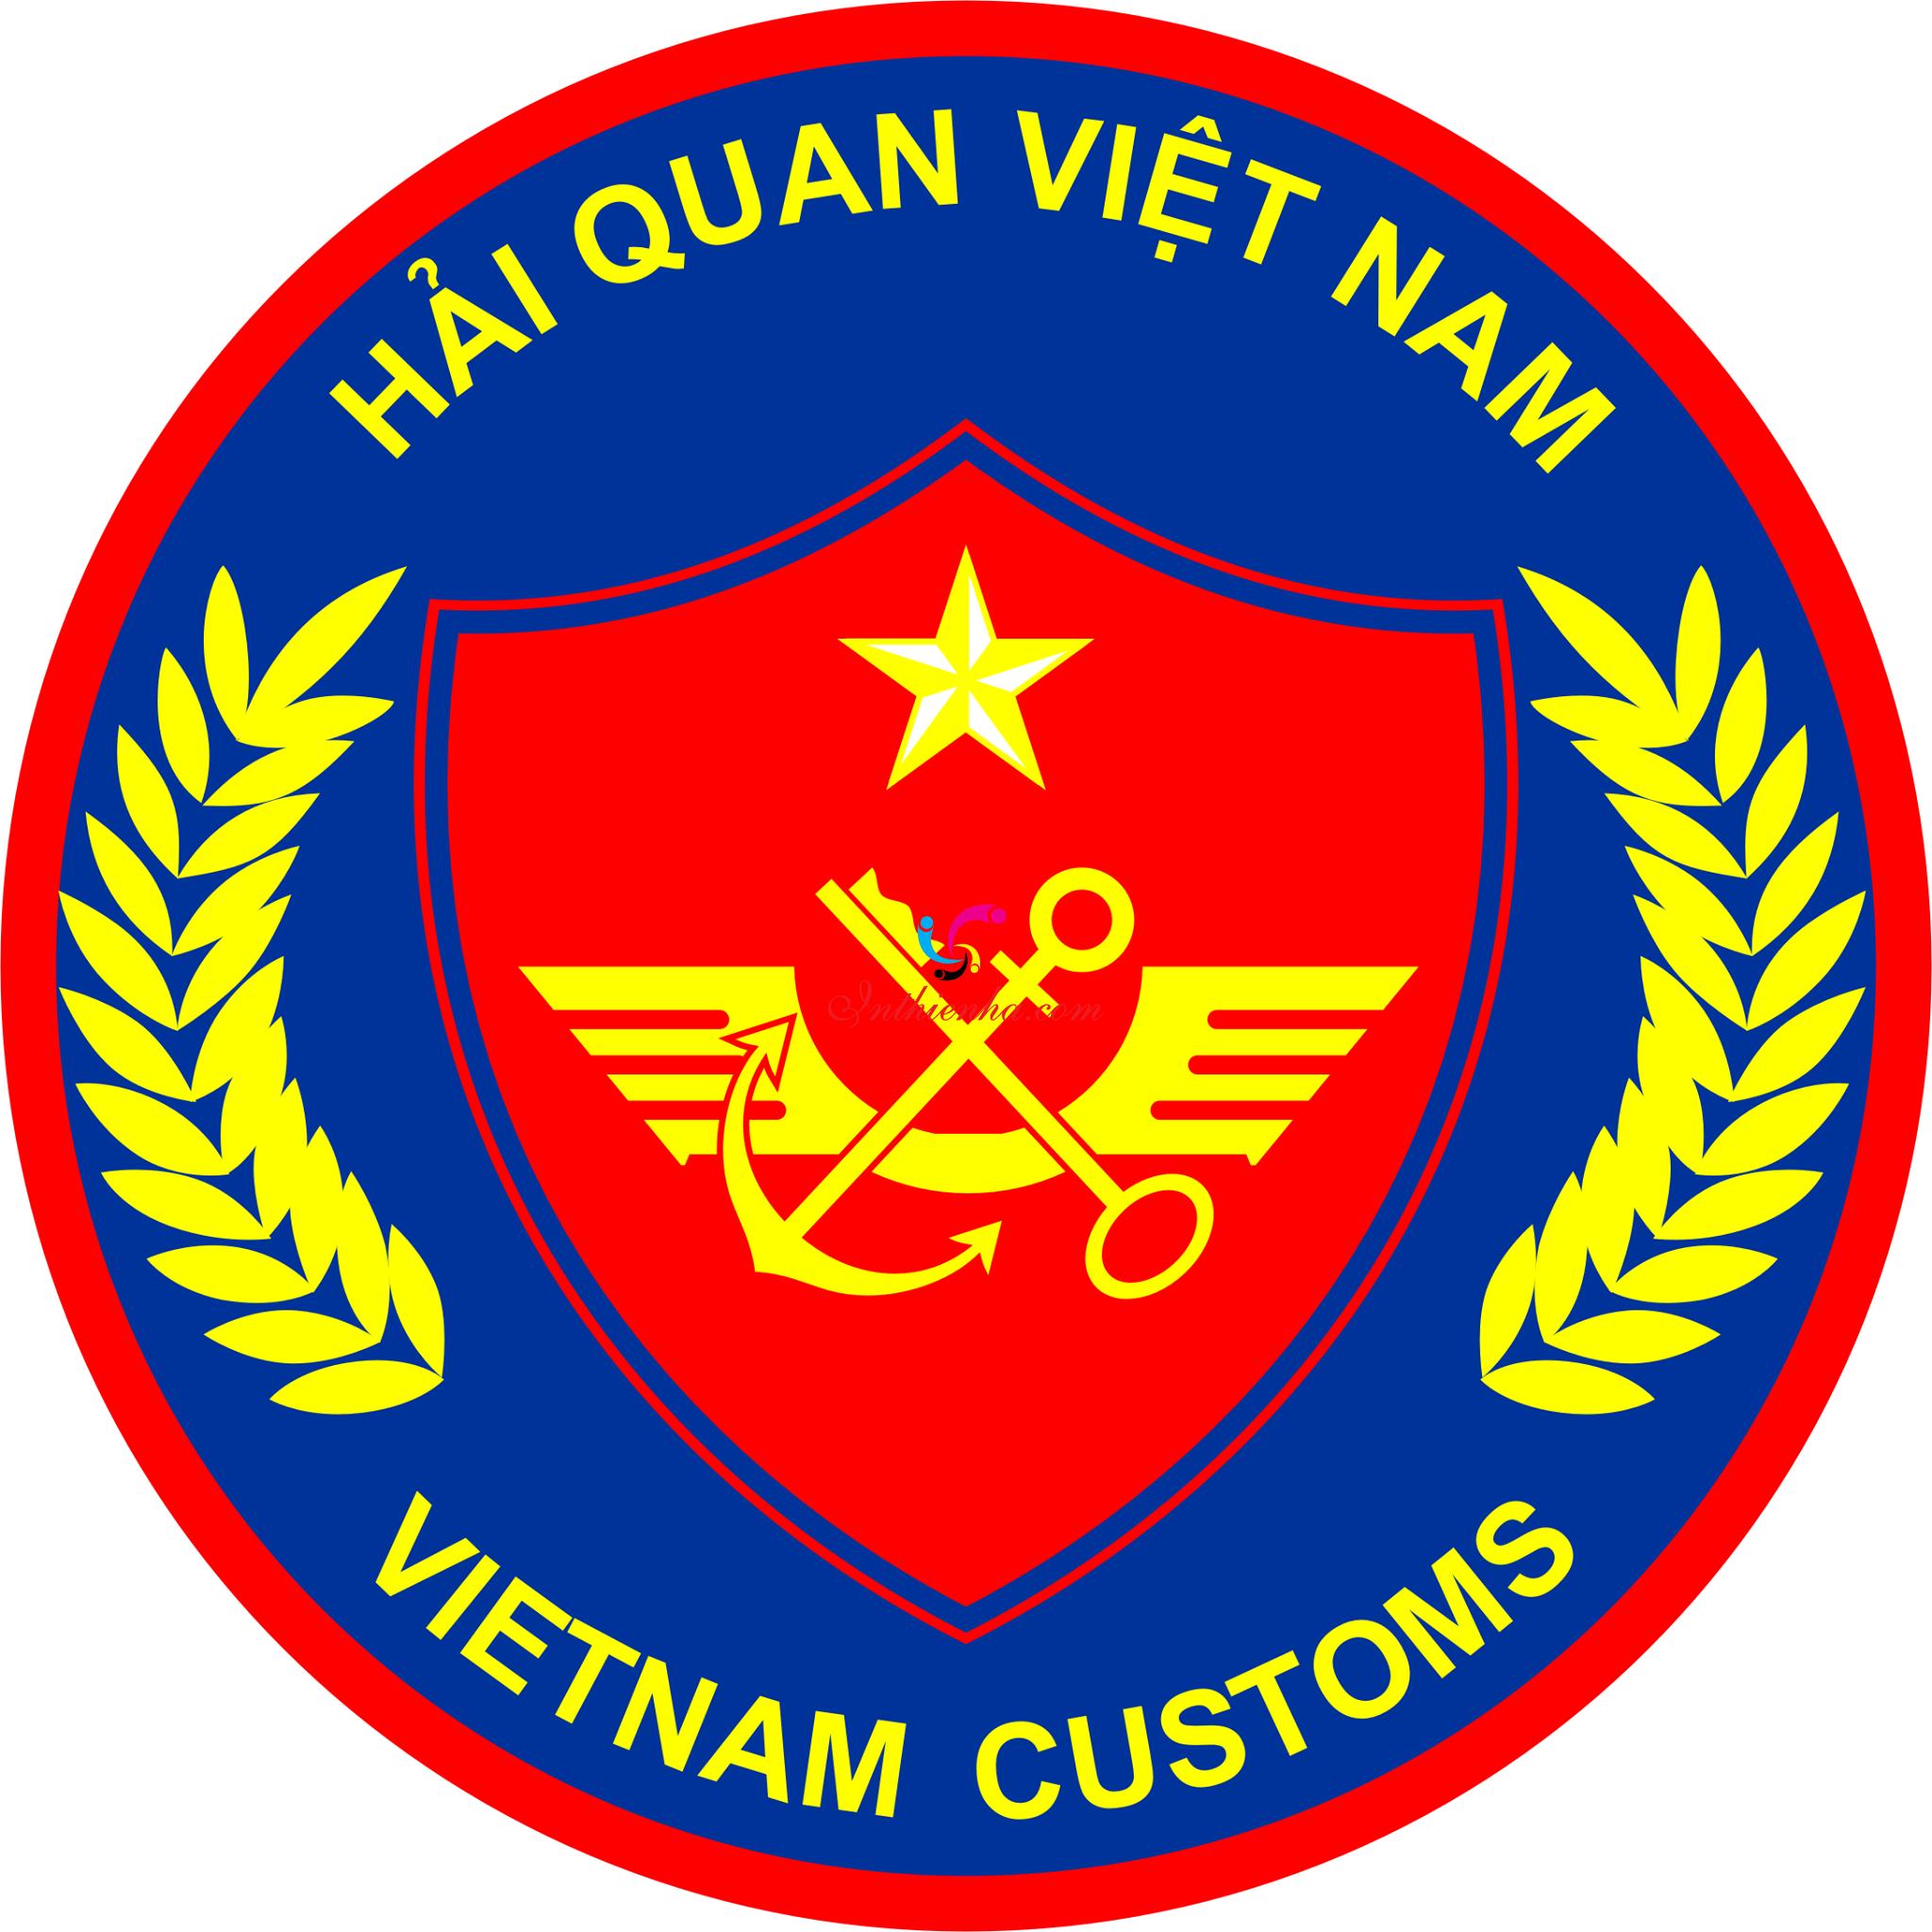 Vector logo Hải Quan Việt Nam file CDR, PSD, PNG tải về miễn phí